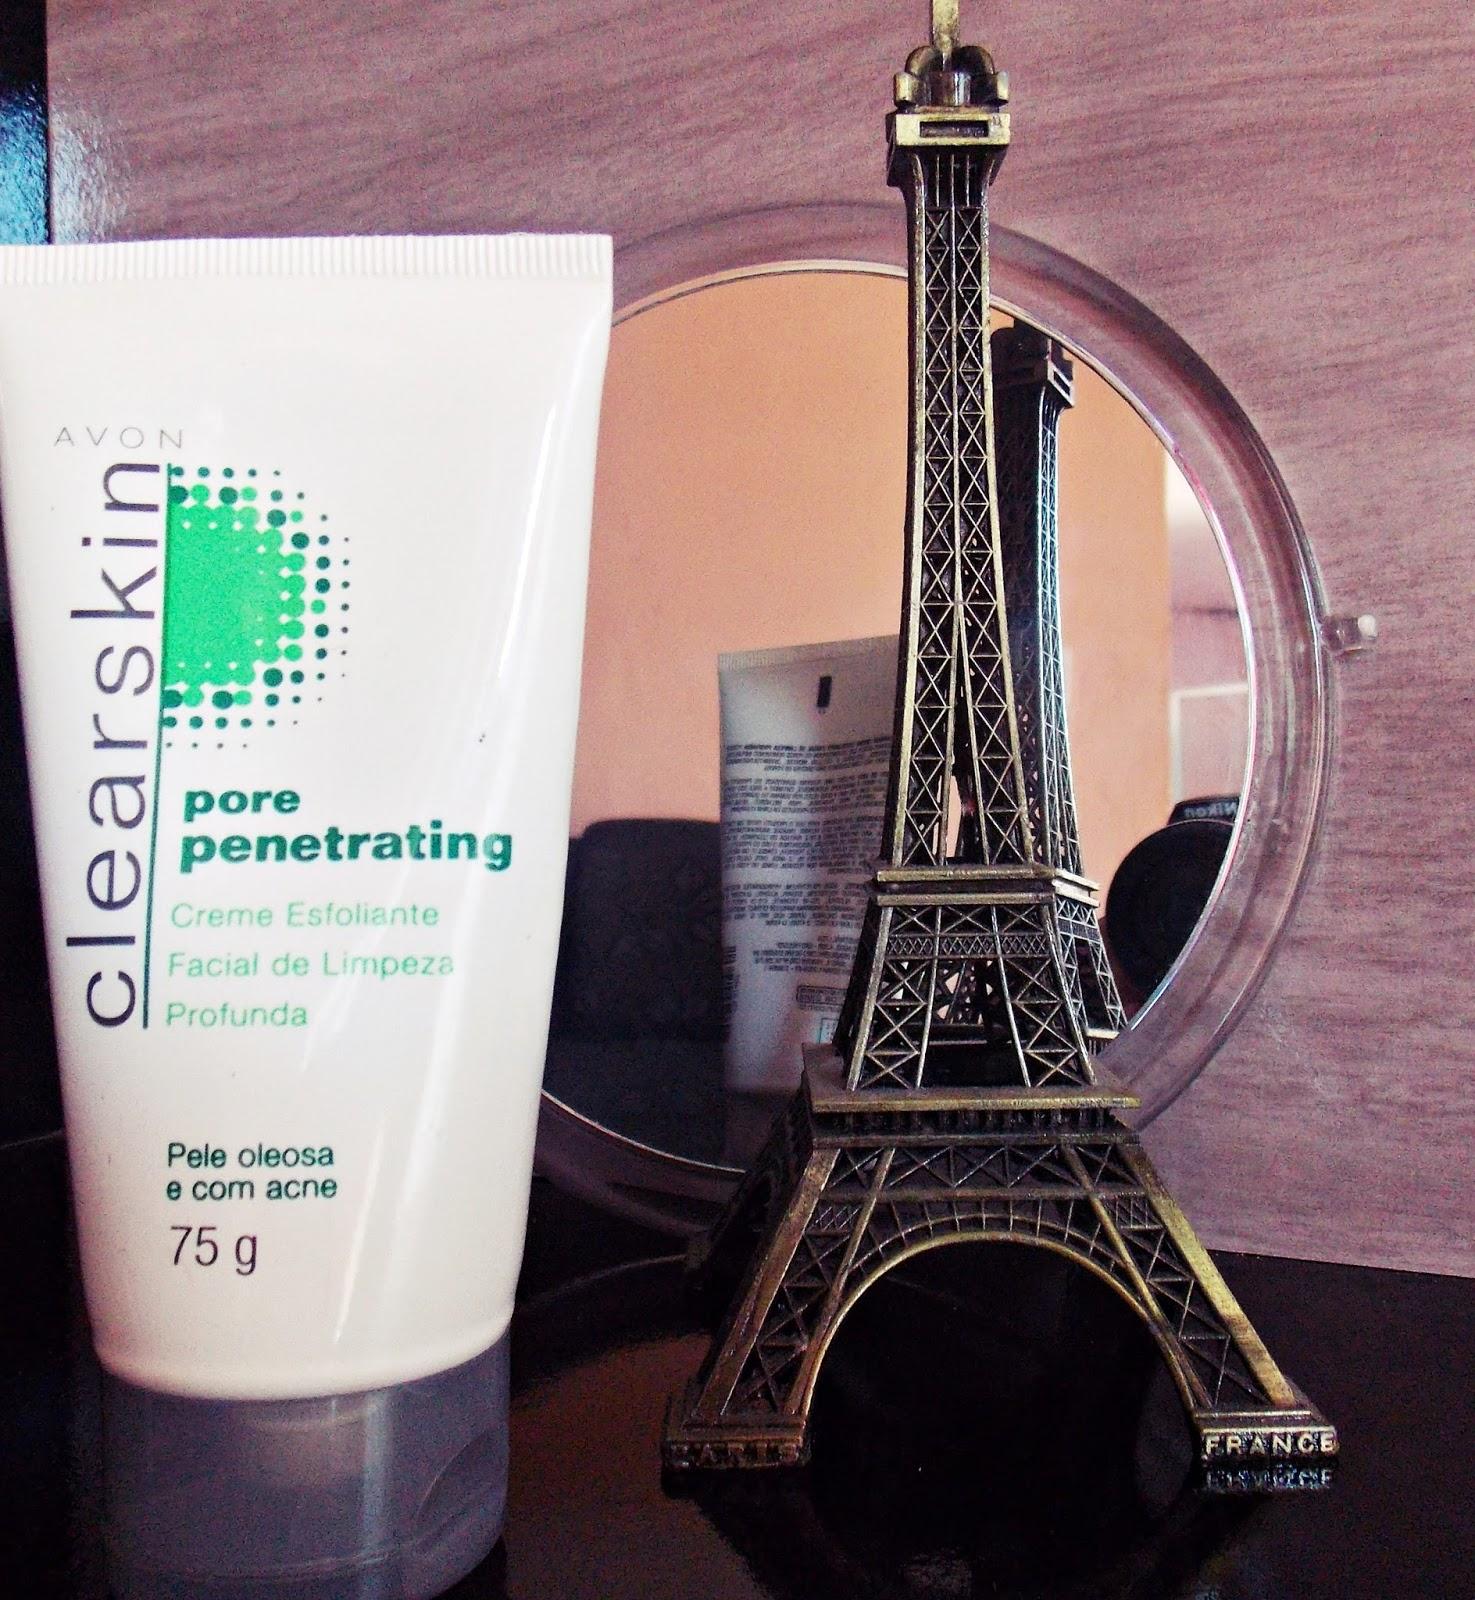 Produtos para limpeza de pele - Creme esfoliante facial Avon